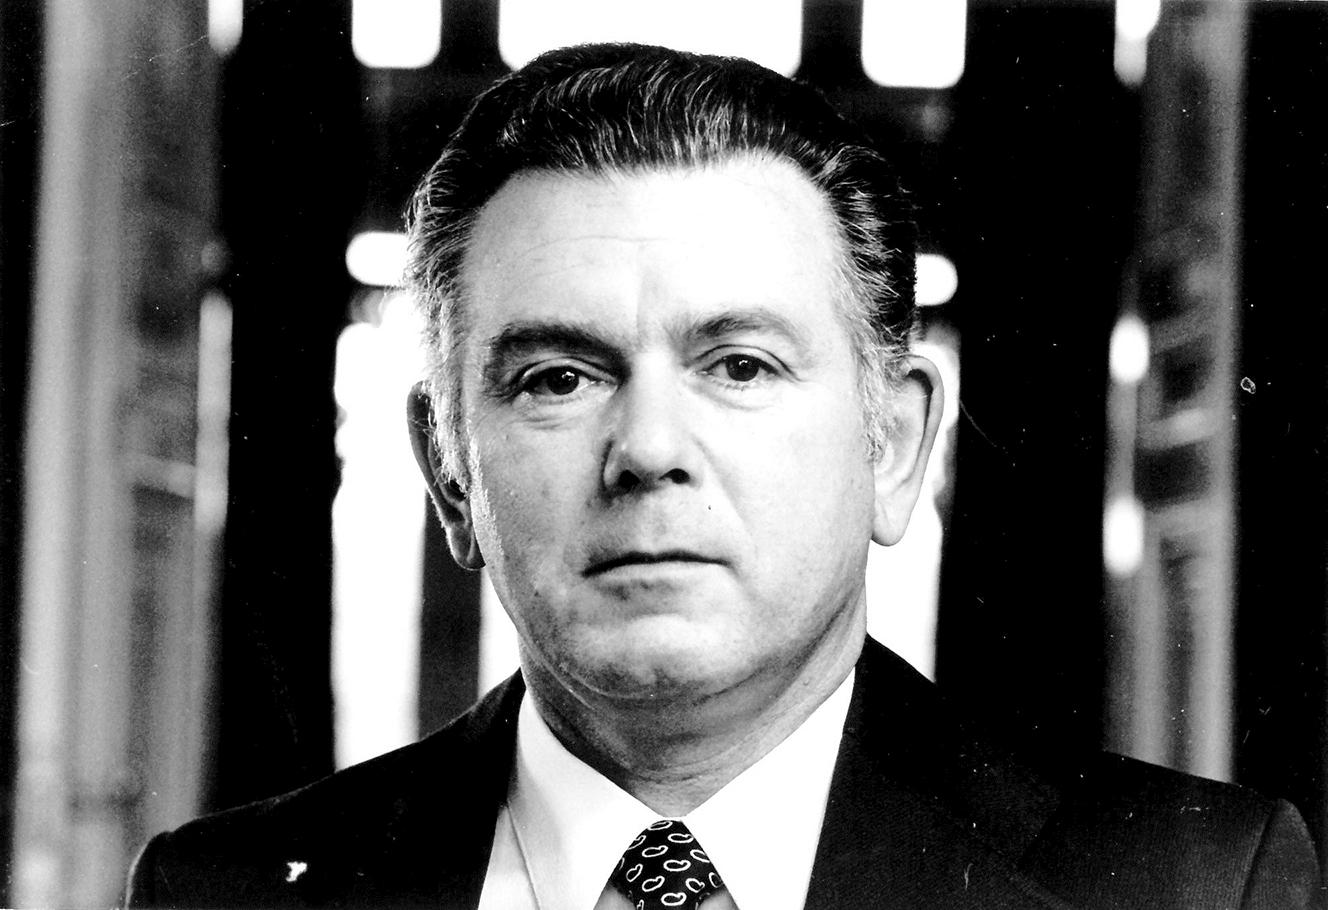 Günter Zabel (1926 bis 2020) in seiner politisch aktiven Zeit. Foto: Kreisarchiv